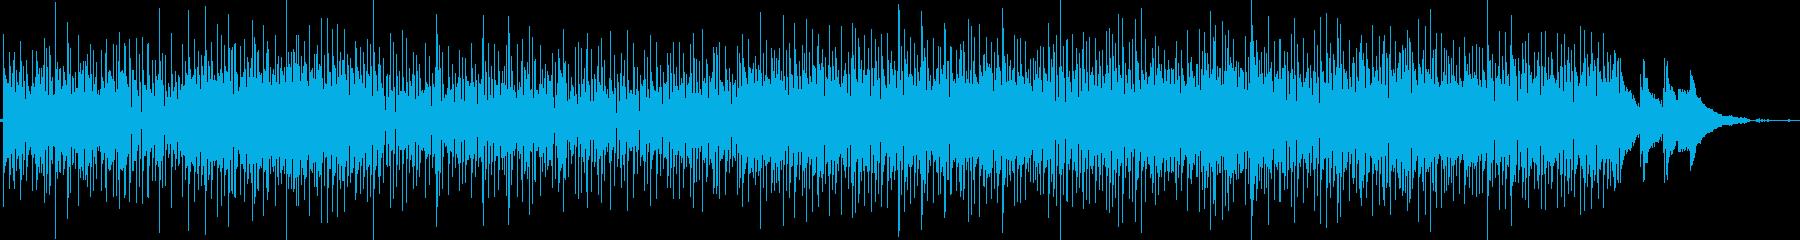 なめらかで大人っぽいメロディーの再生済みの波形